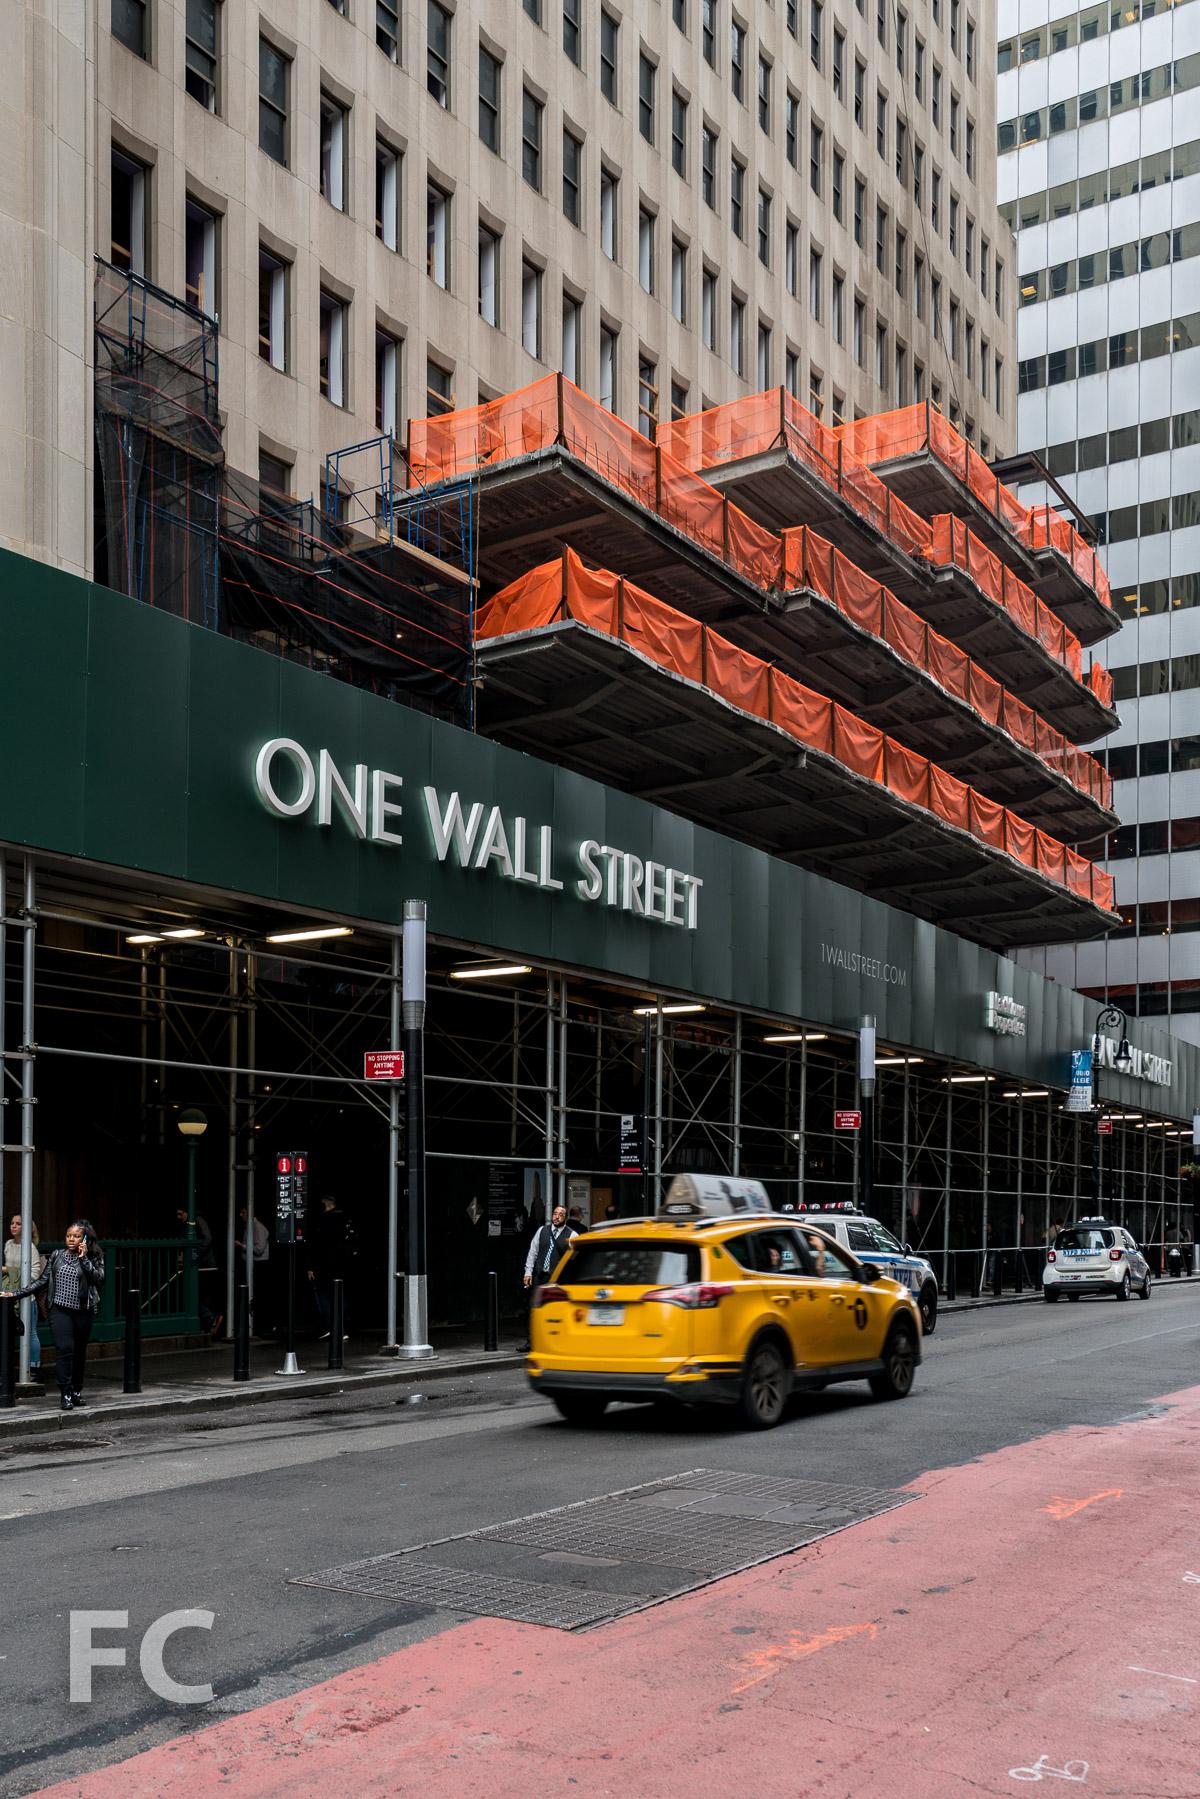 20190523-One Wall Street-DSC08196.jpg